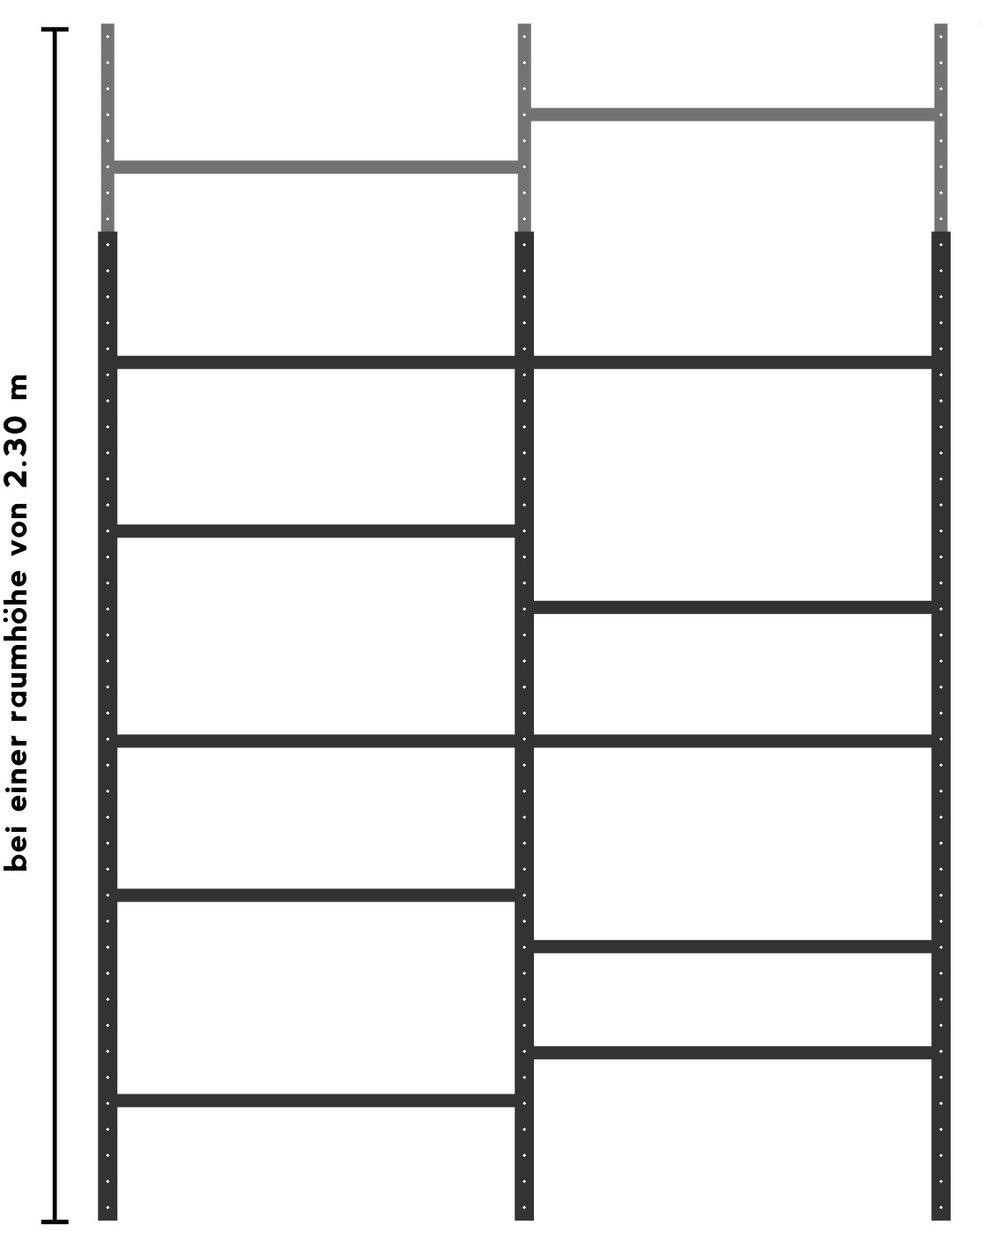 3_ErklearungAusschnitte_Beispiel.jpg